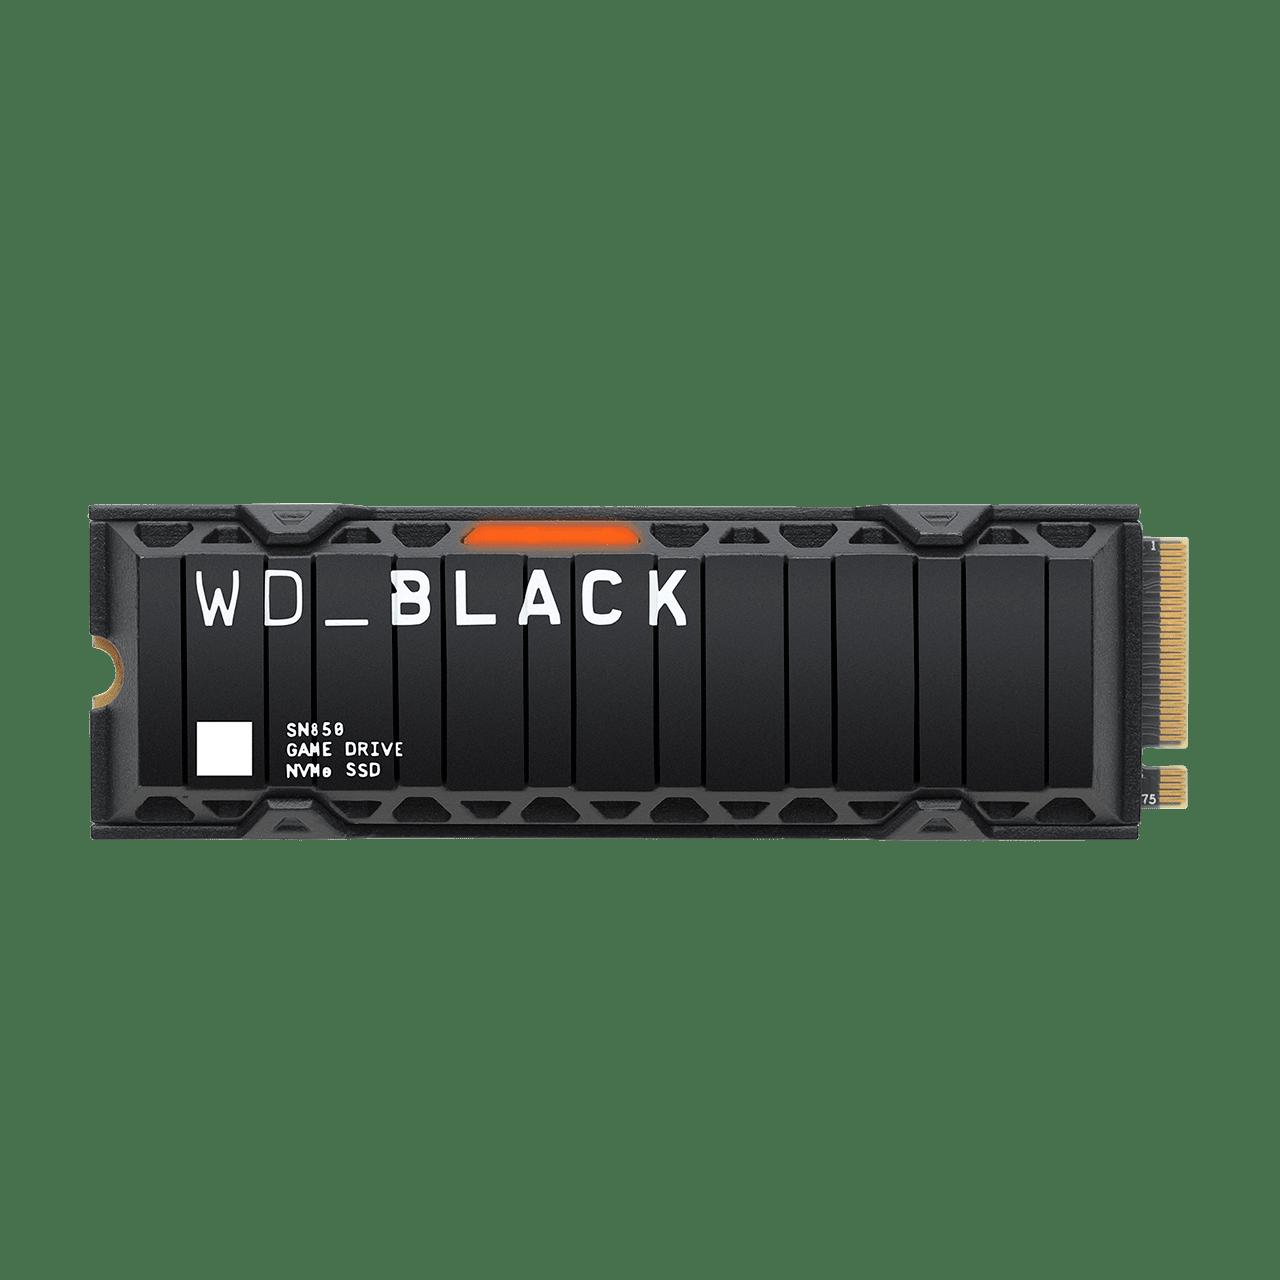 SOLIDO (M2) NVMe 500GB BLACK SN850 - WESTERN DIGITAL